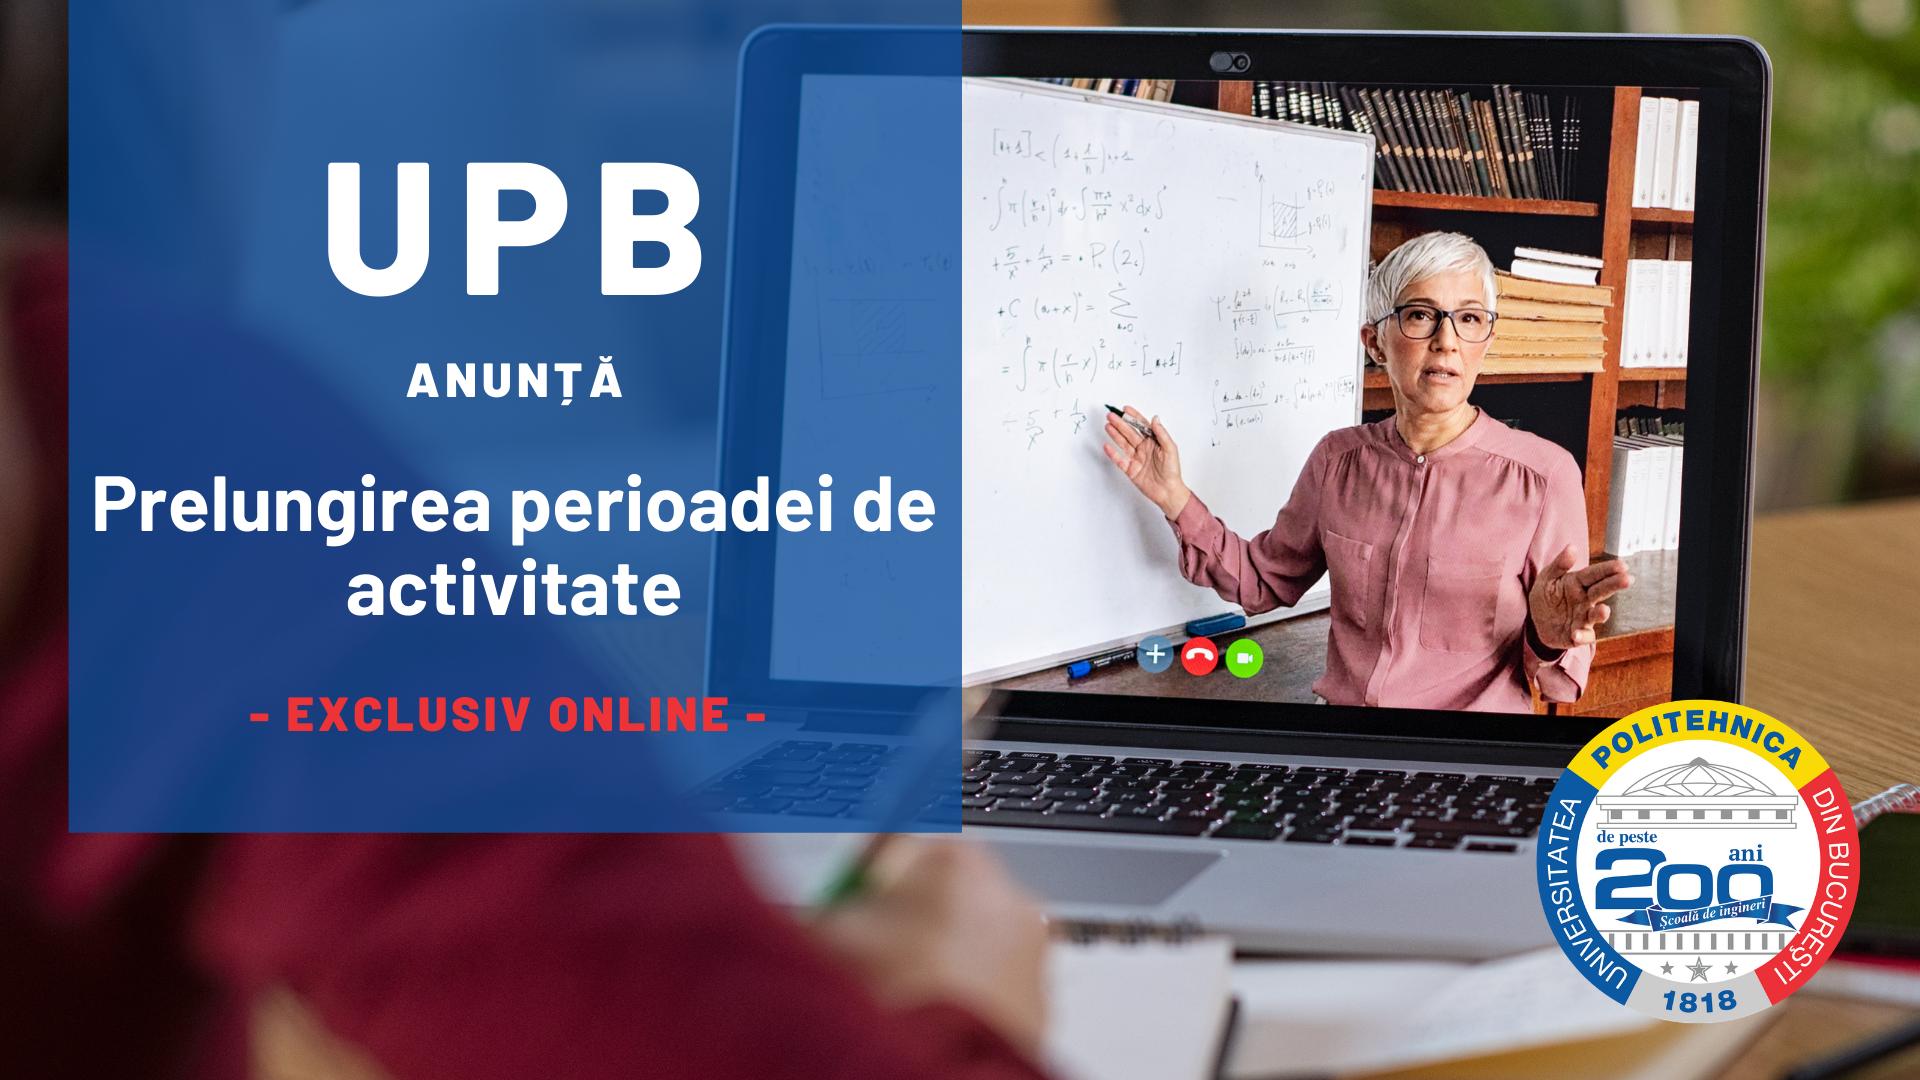 Prelungirea perioadei de activitate exclusiv online in UPB